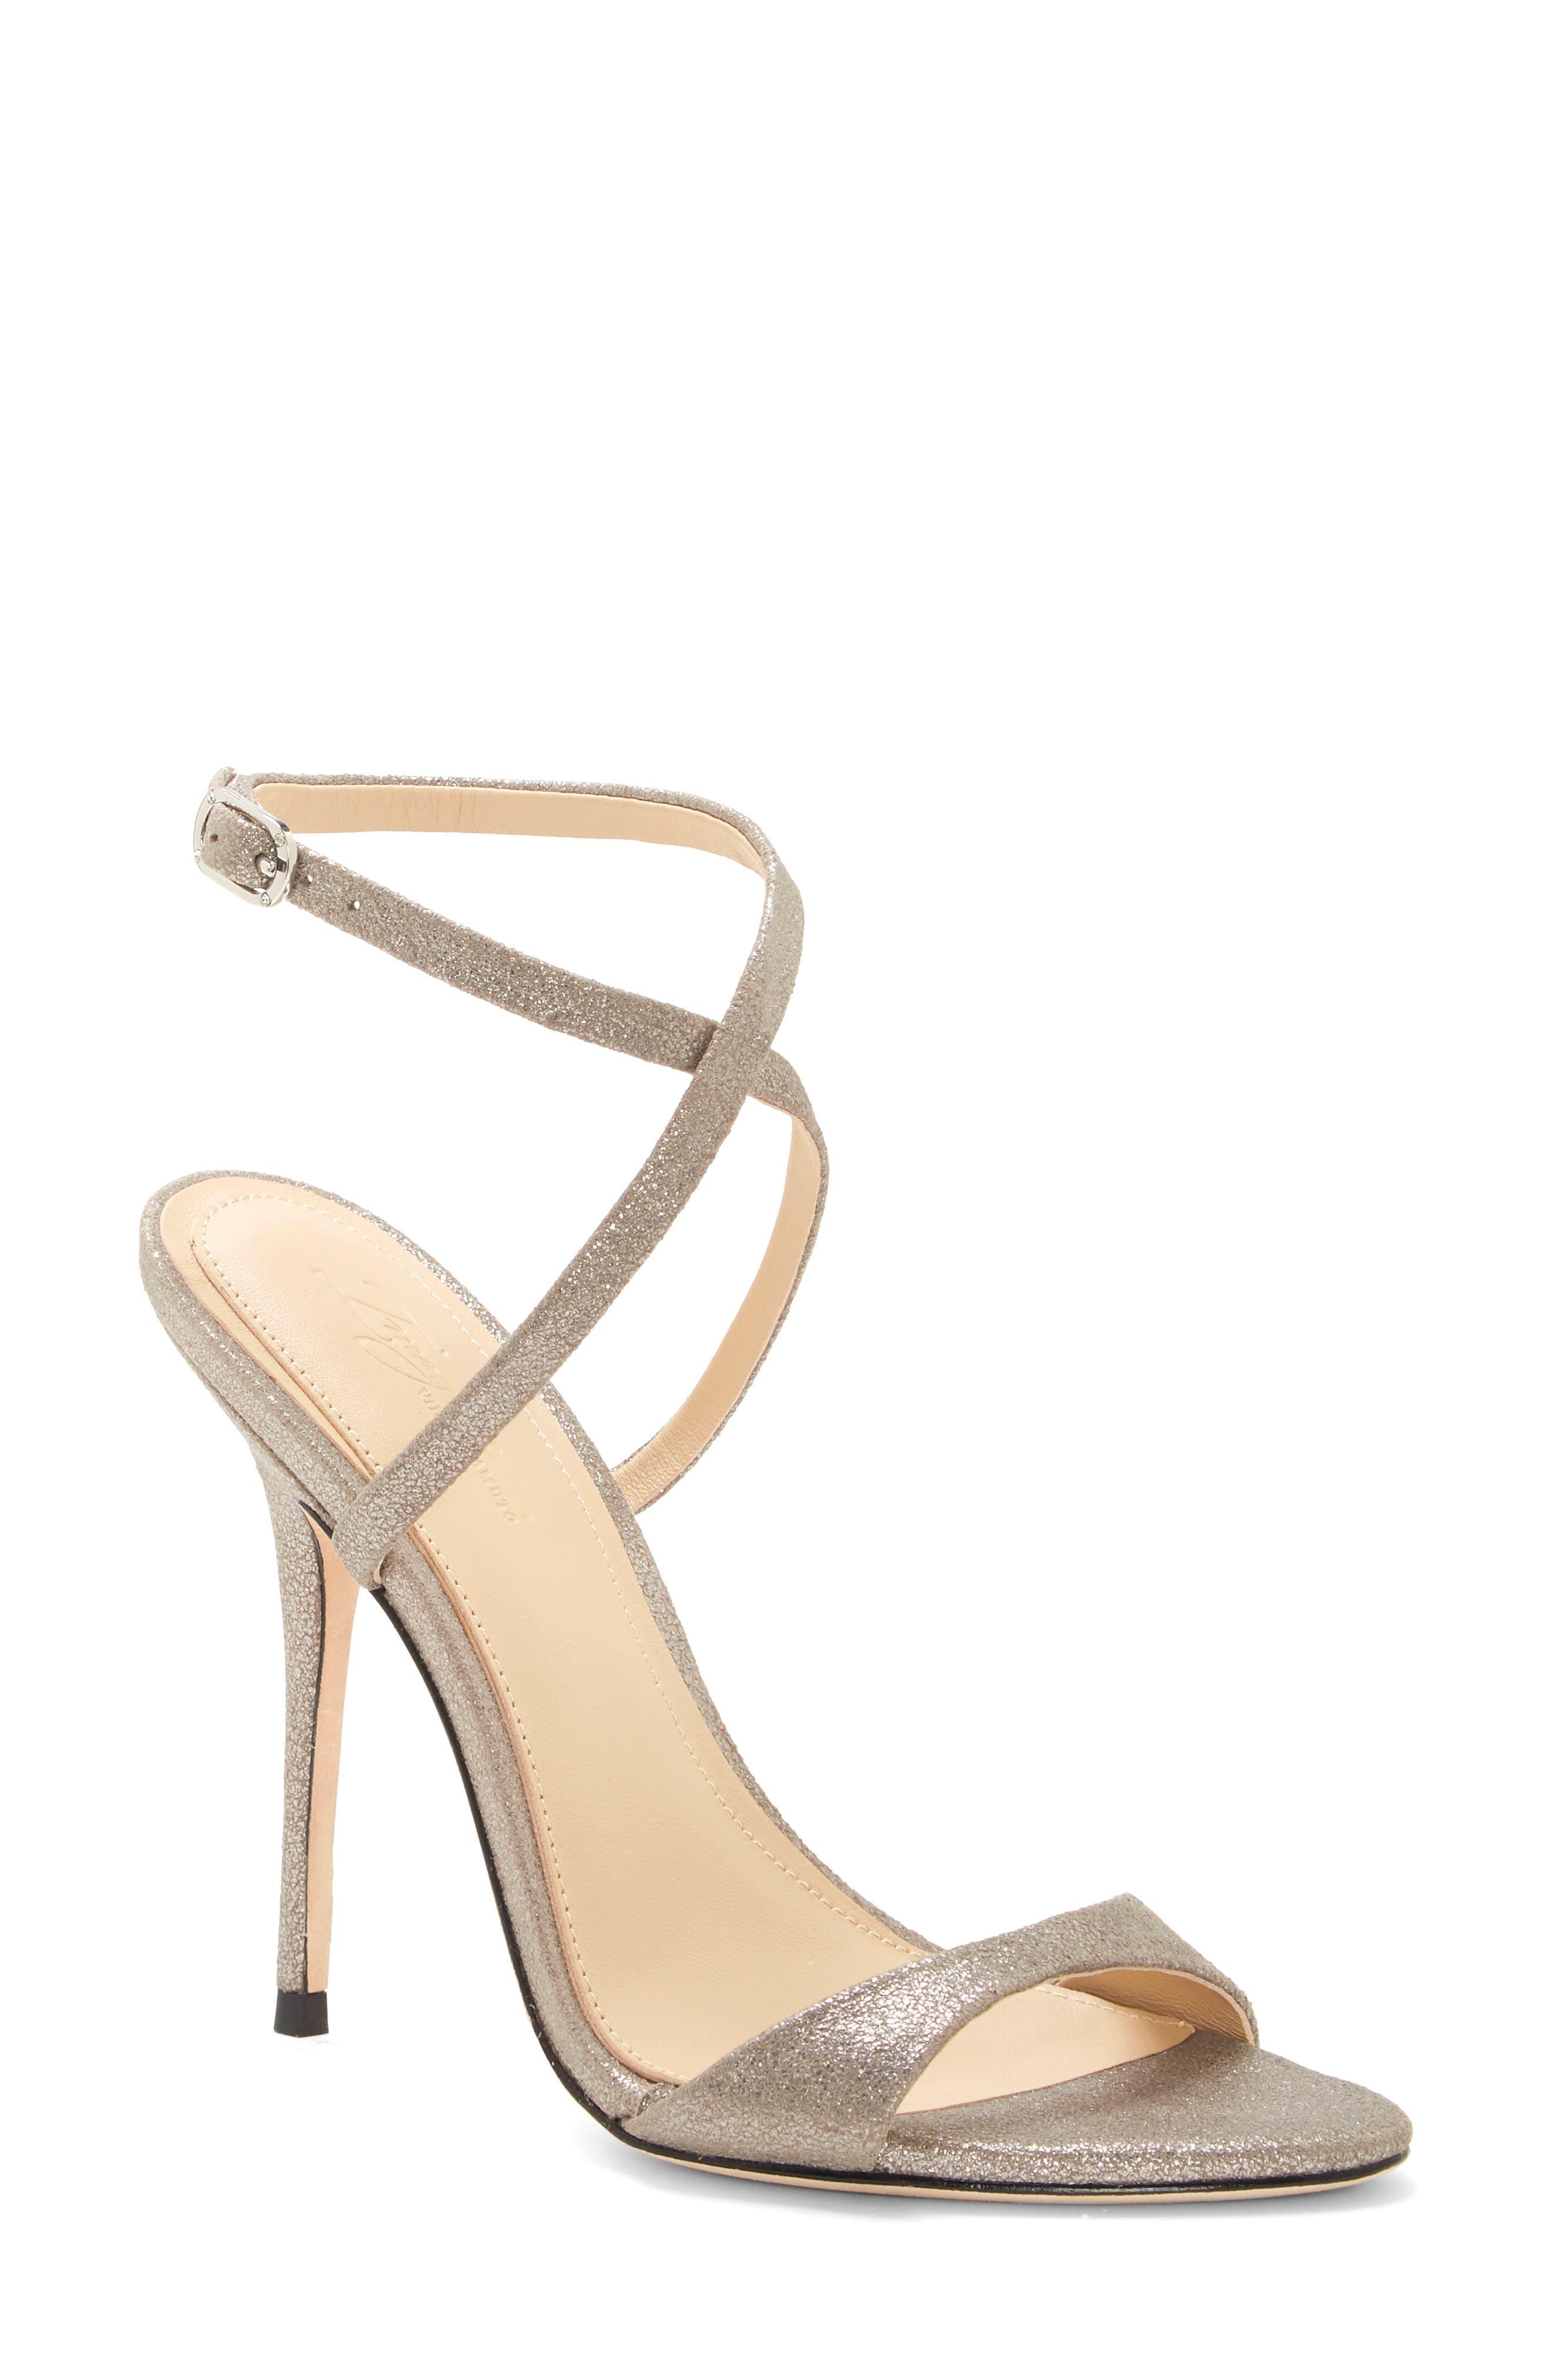 Imagine Vince Camuto Rora Ankle Strap Stiletto Sandal (Women)